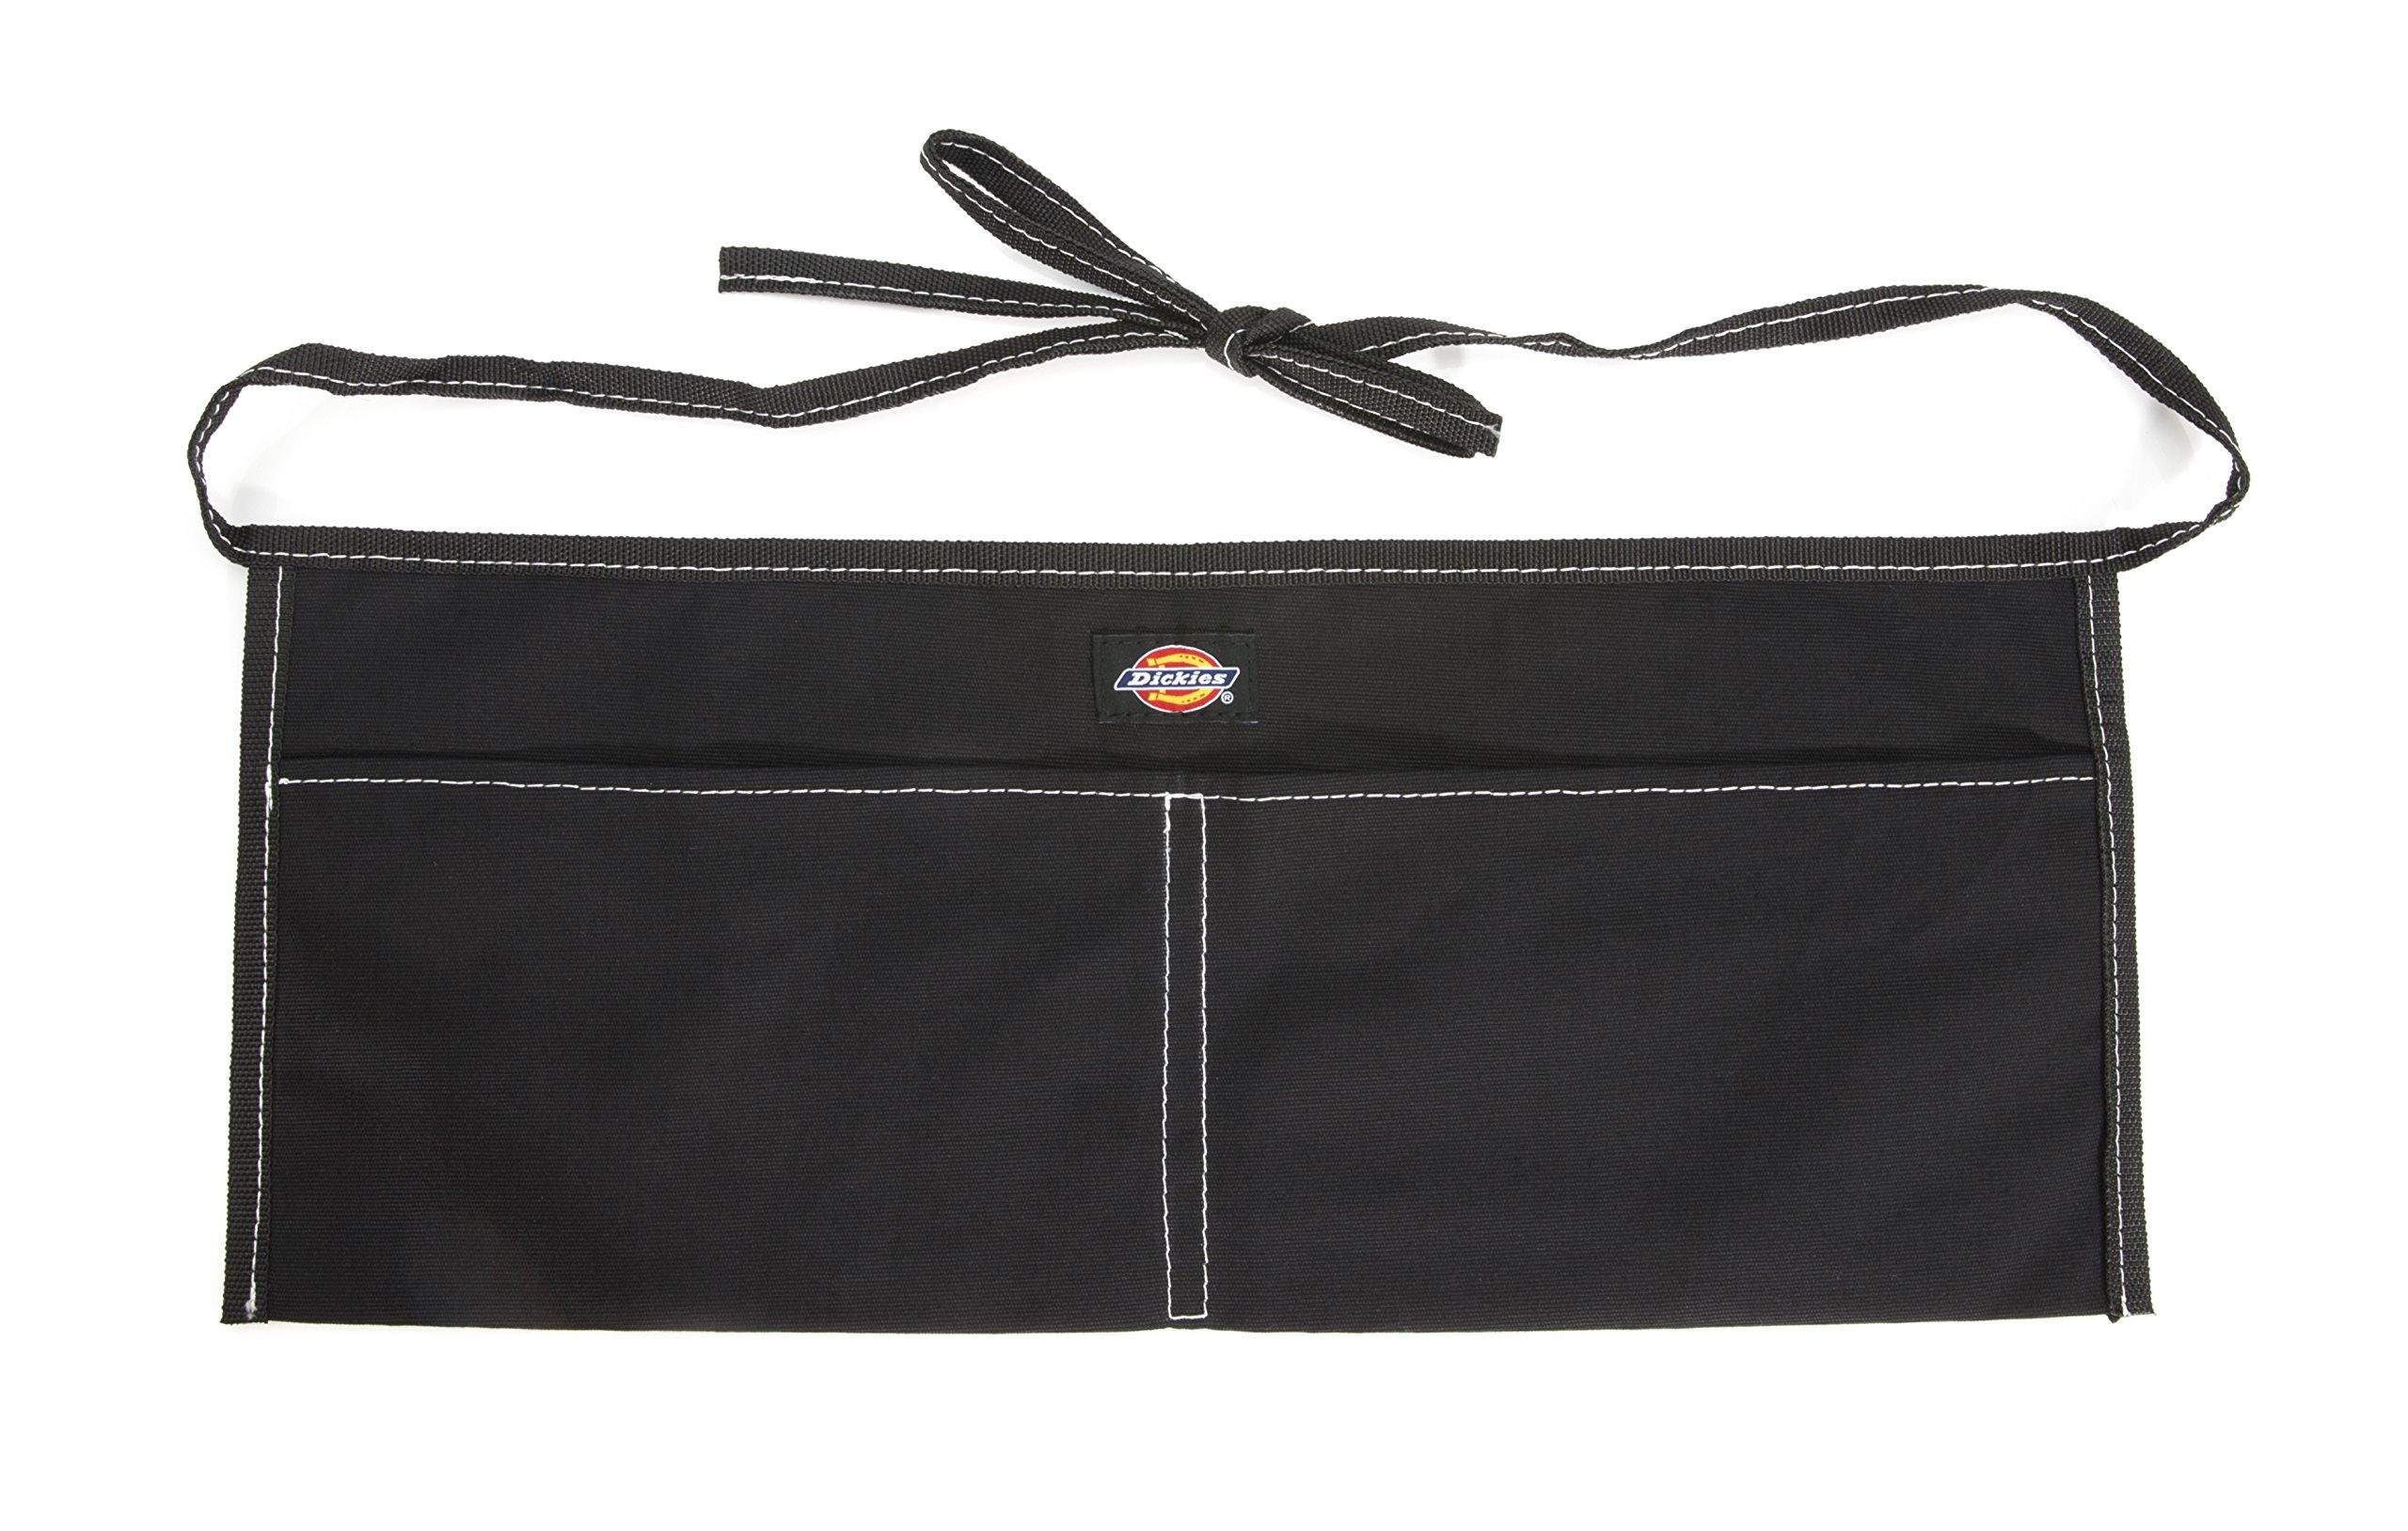 Dickies Work Gear 57078 Black 2-Pocket Canvas Apron by Dickies Work Gear